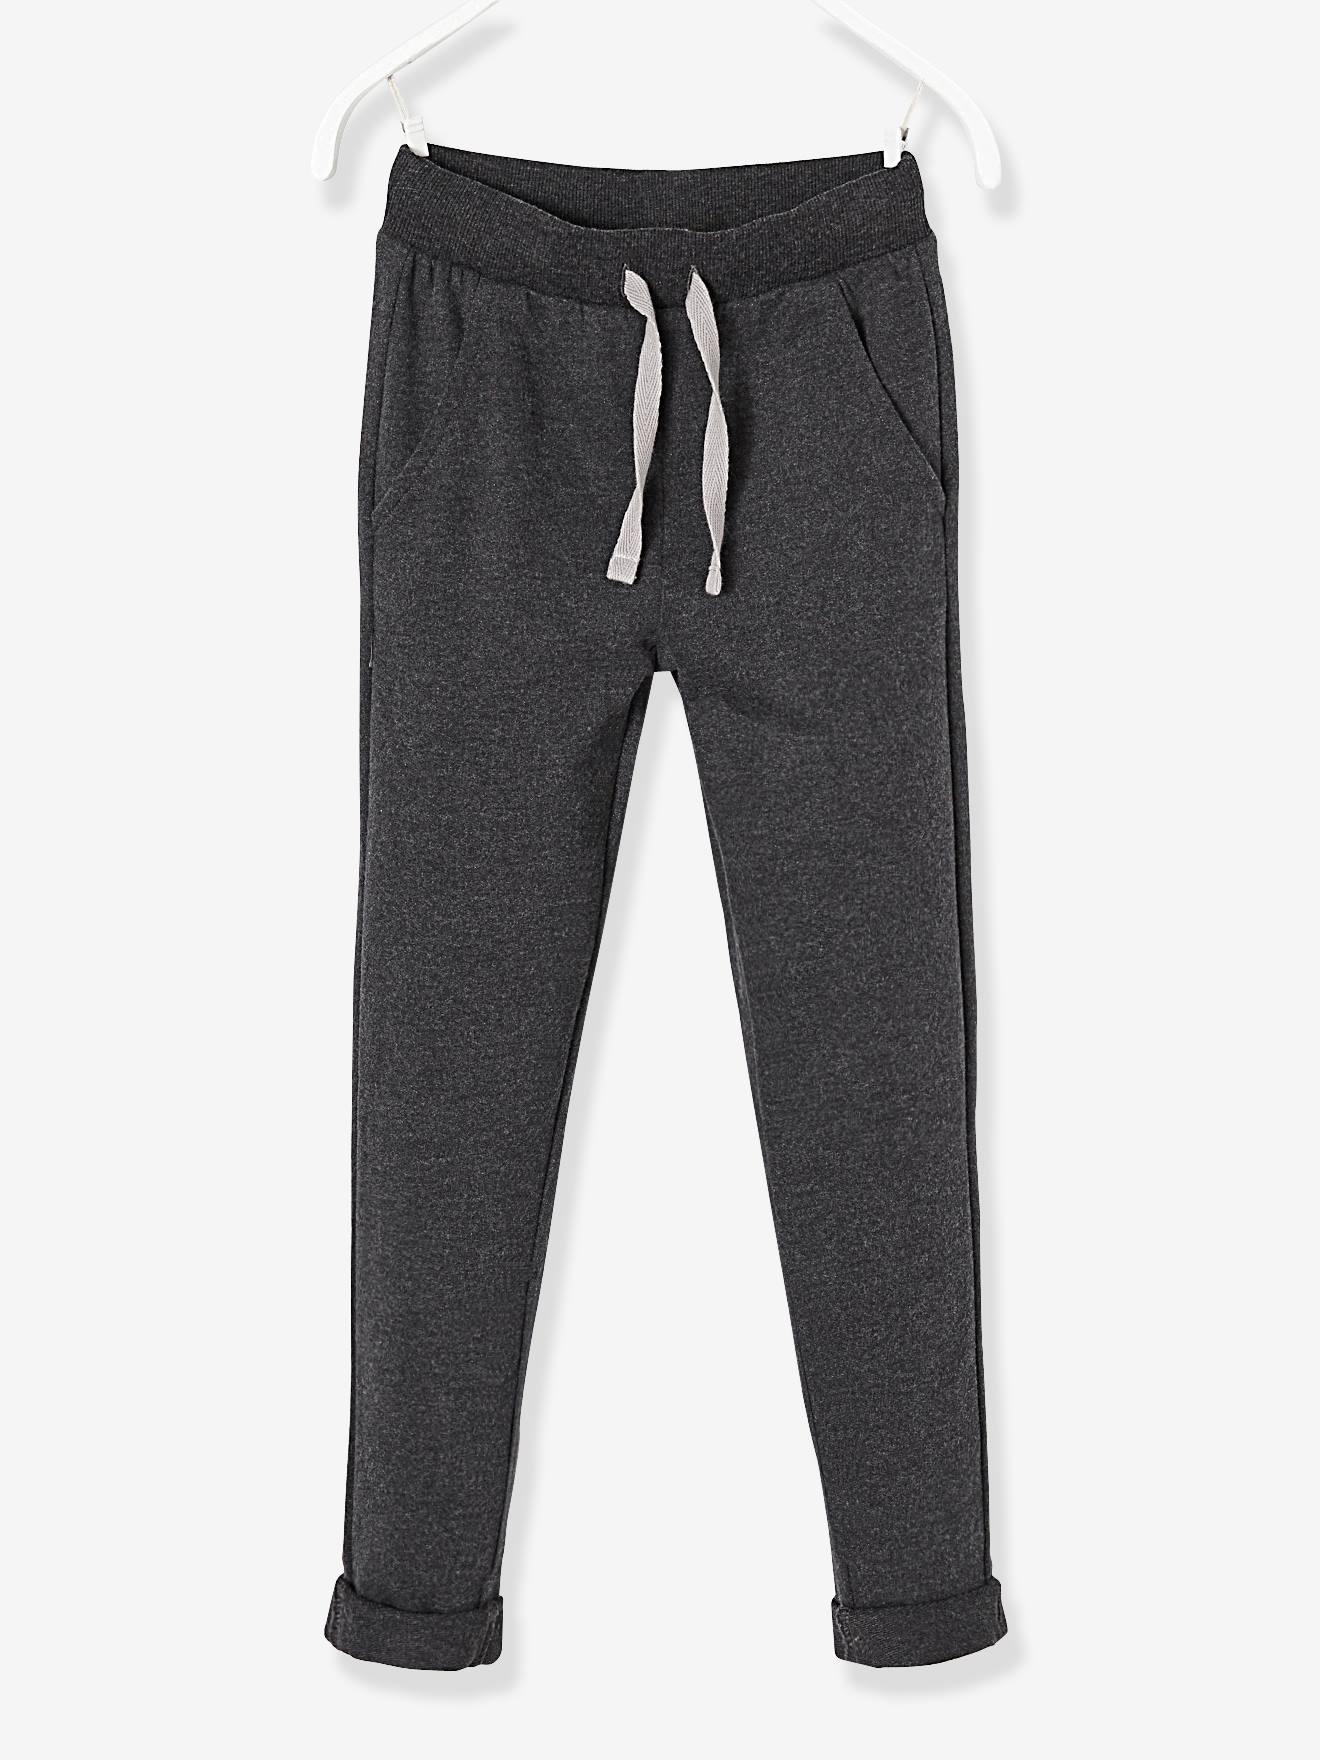 Pantalon garçon en molleton - noir chiné,